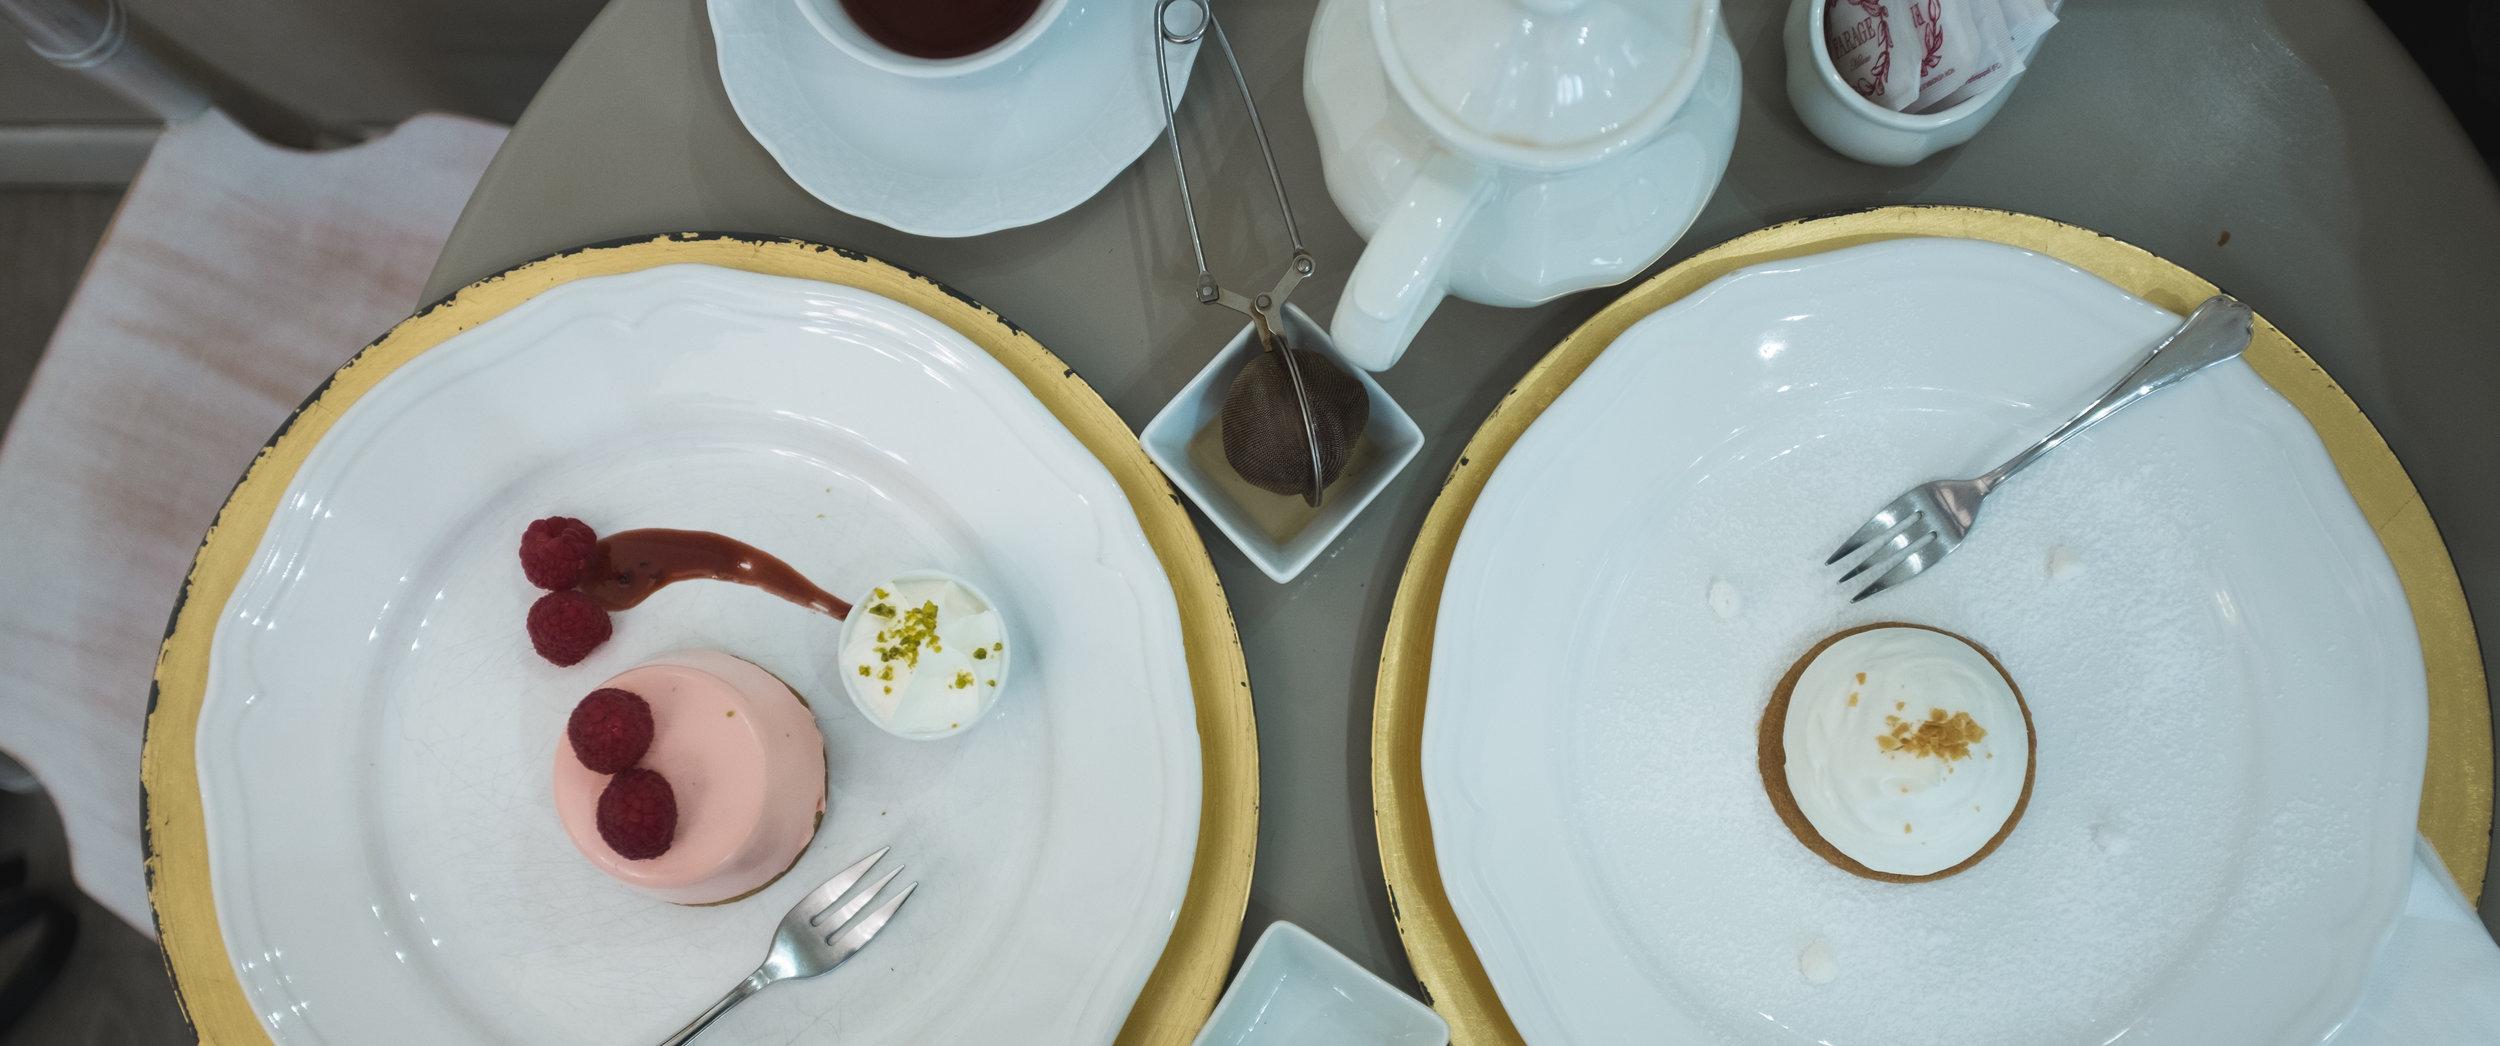 Farage Cioccolato a Milano. Avietinis ledų desertas su šokoladu ir pyragaitis Mont Blanc.  Farage Cioccolato a Milano. Raspberry ice-cream dessert and Mont Blanc dessert.